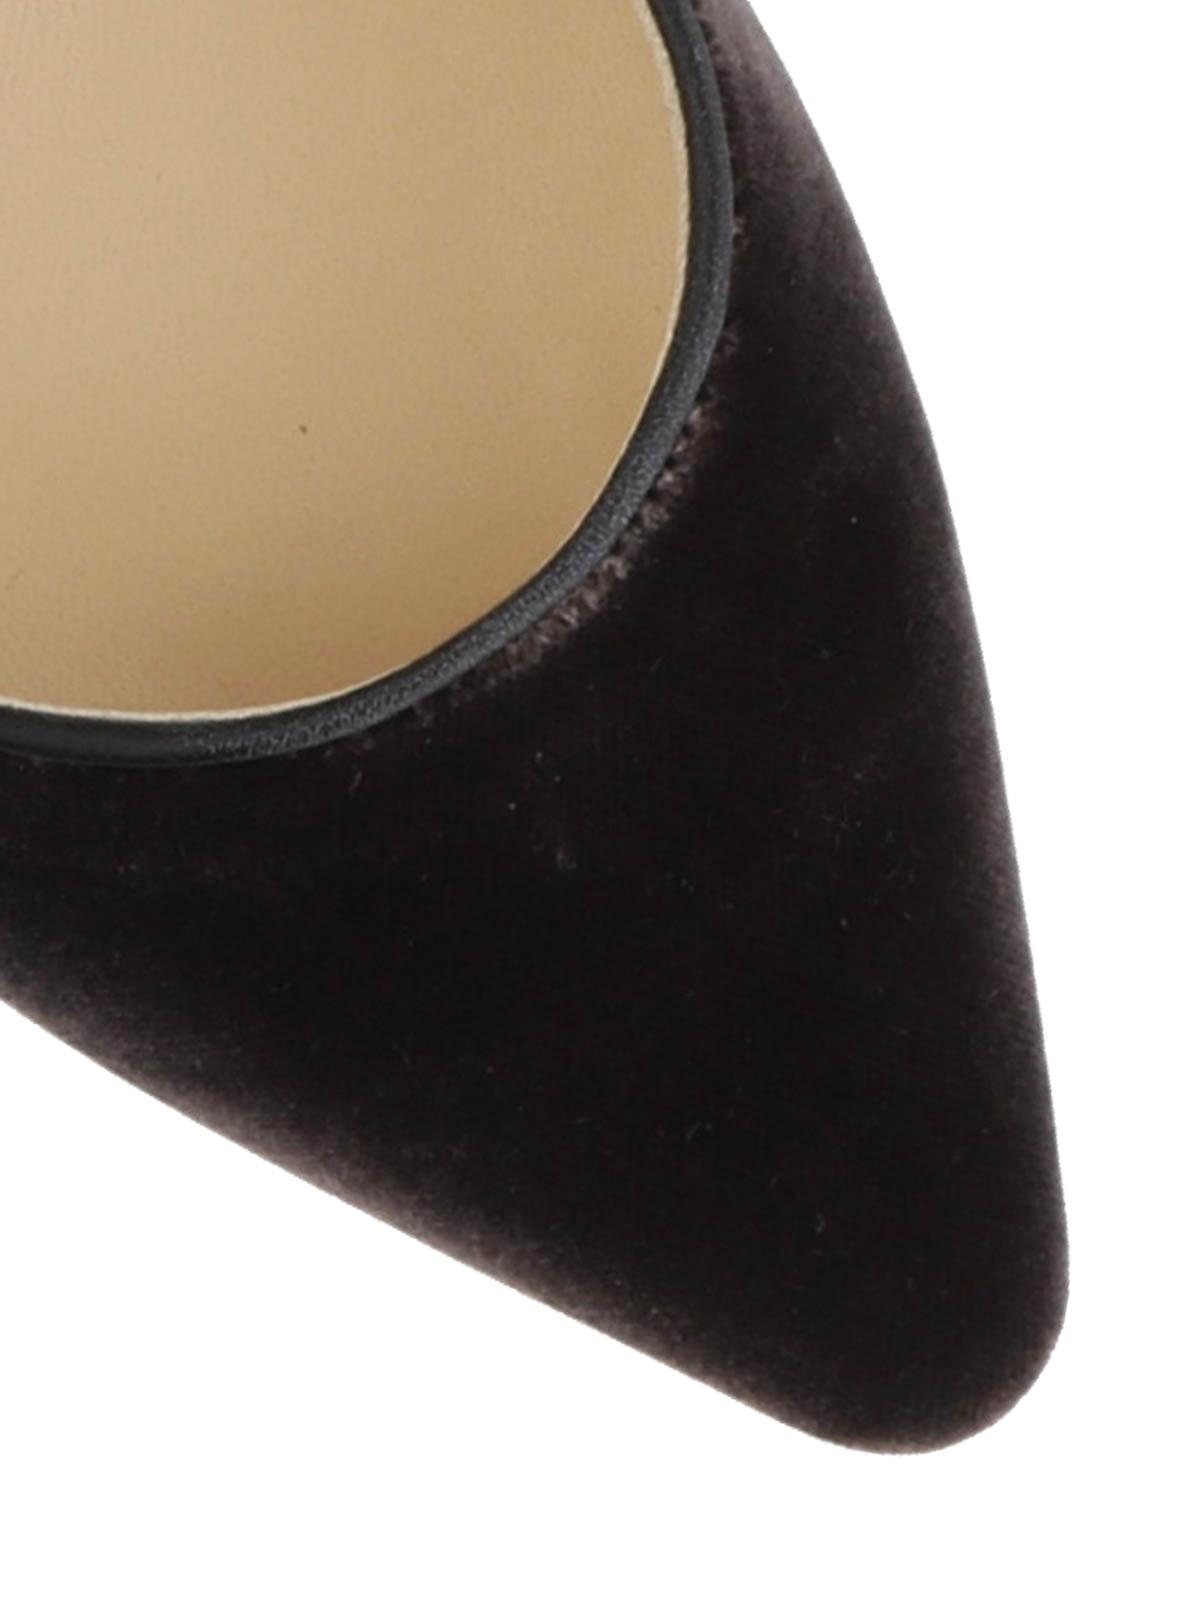 94327d537d45 JIMMY CHOO buy online Romy black velvet pumps · JIMMY CHOO  court shoes ...